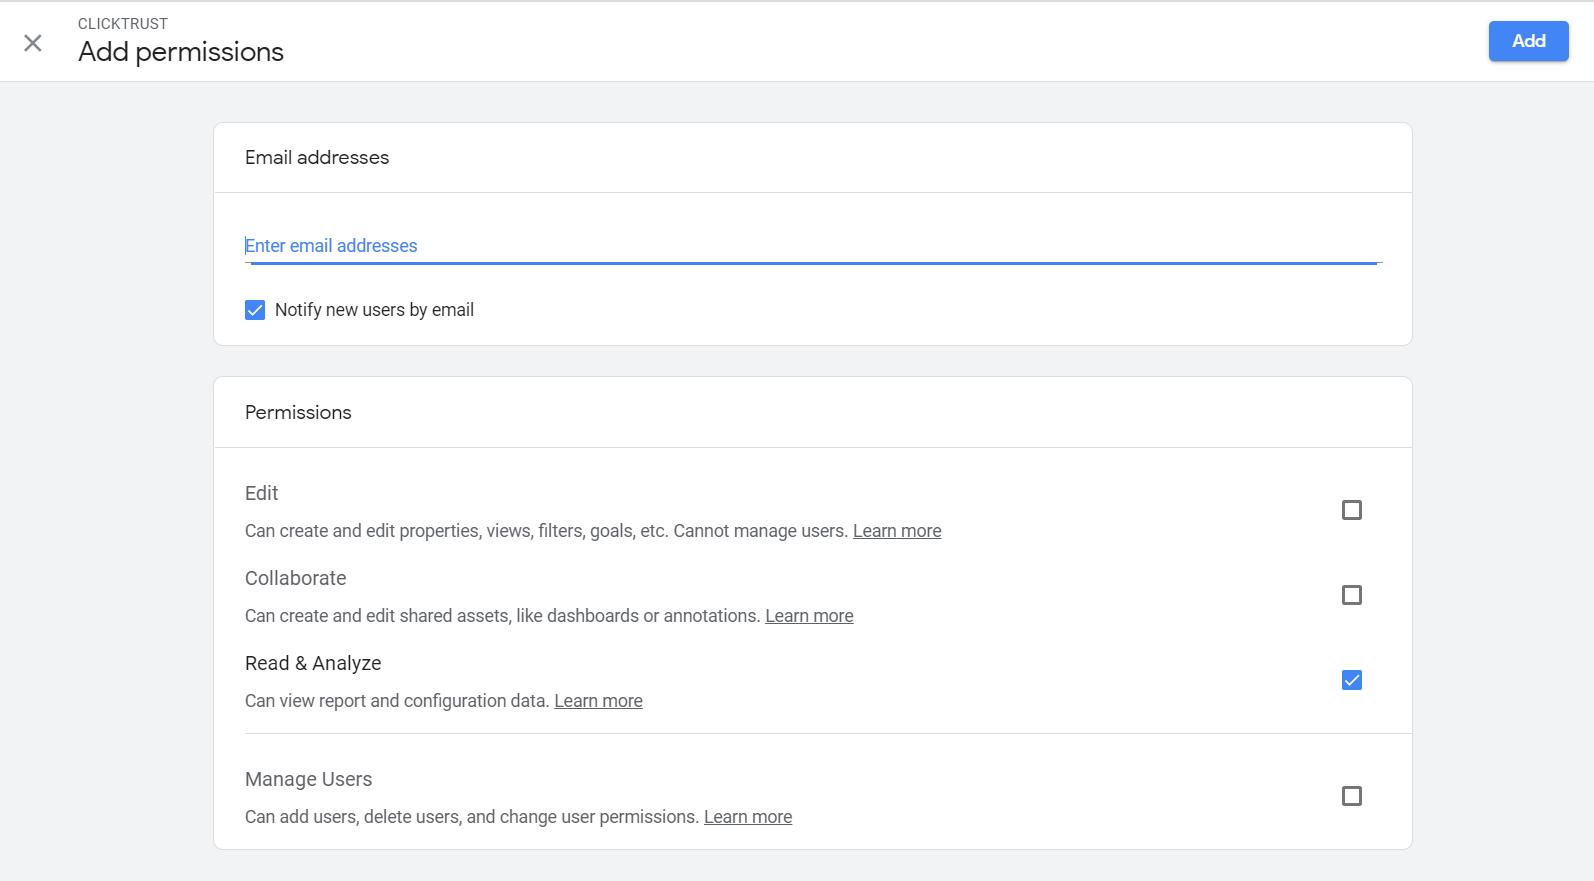 permissions in Google Anlaytics